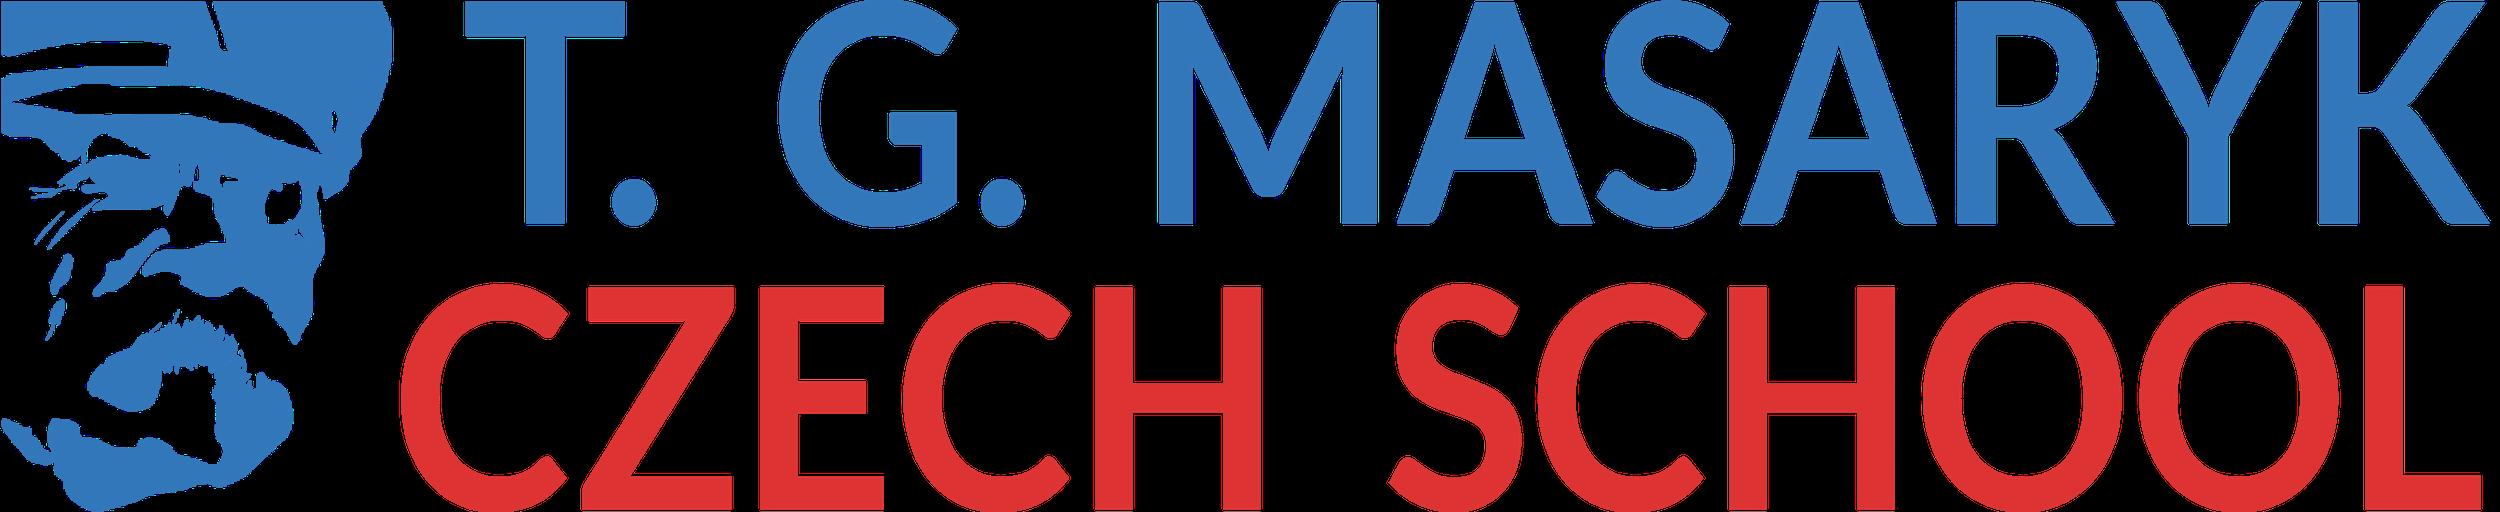 T. G. Masaryk Czech School